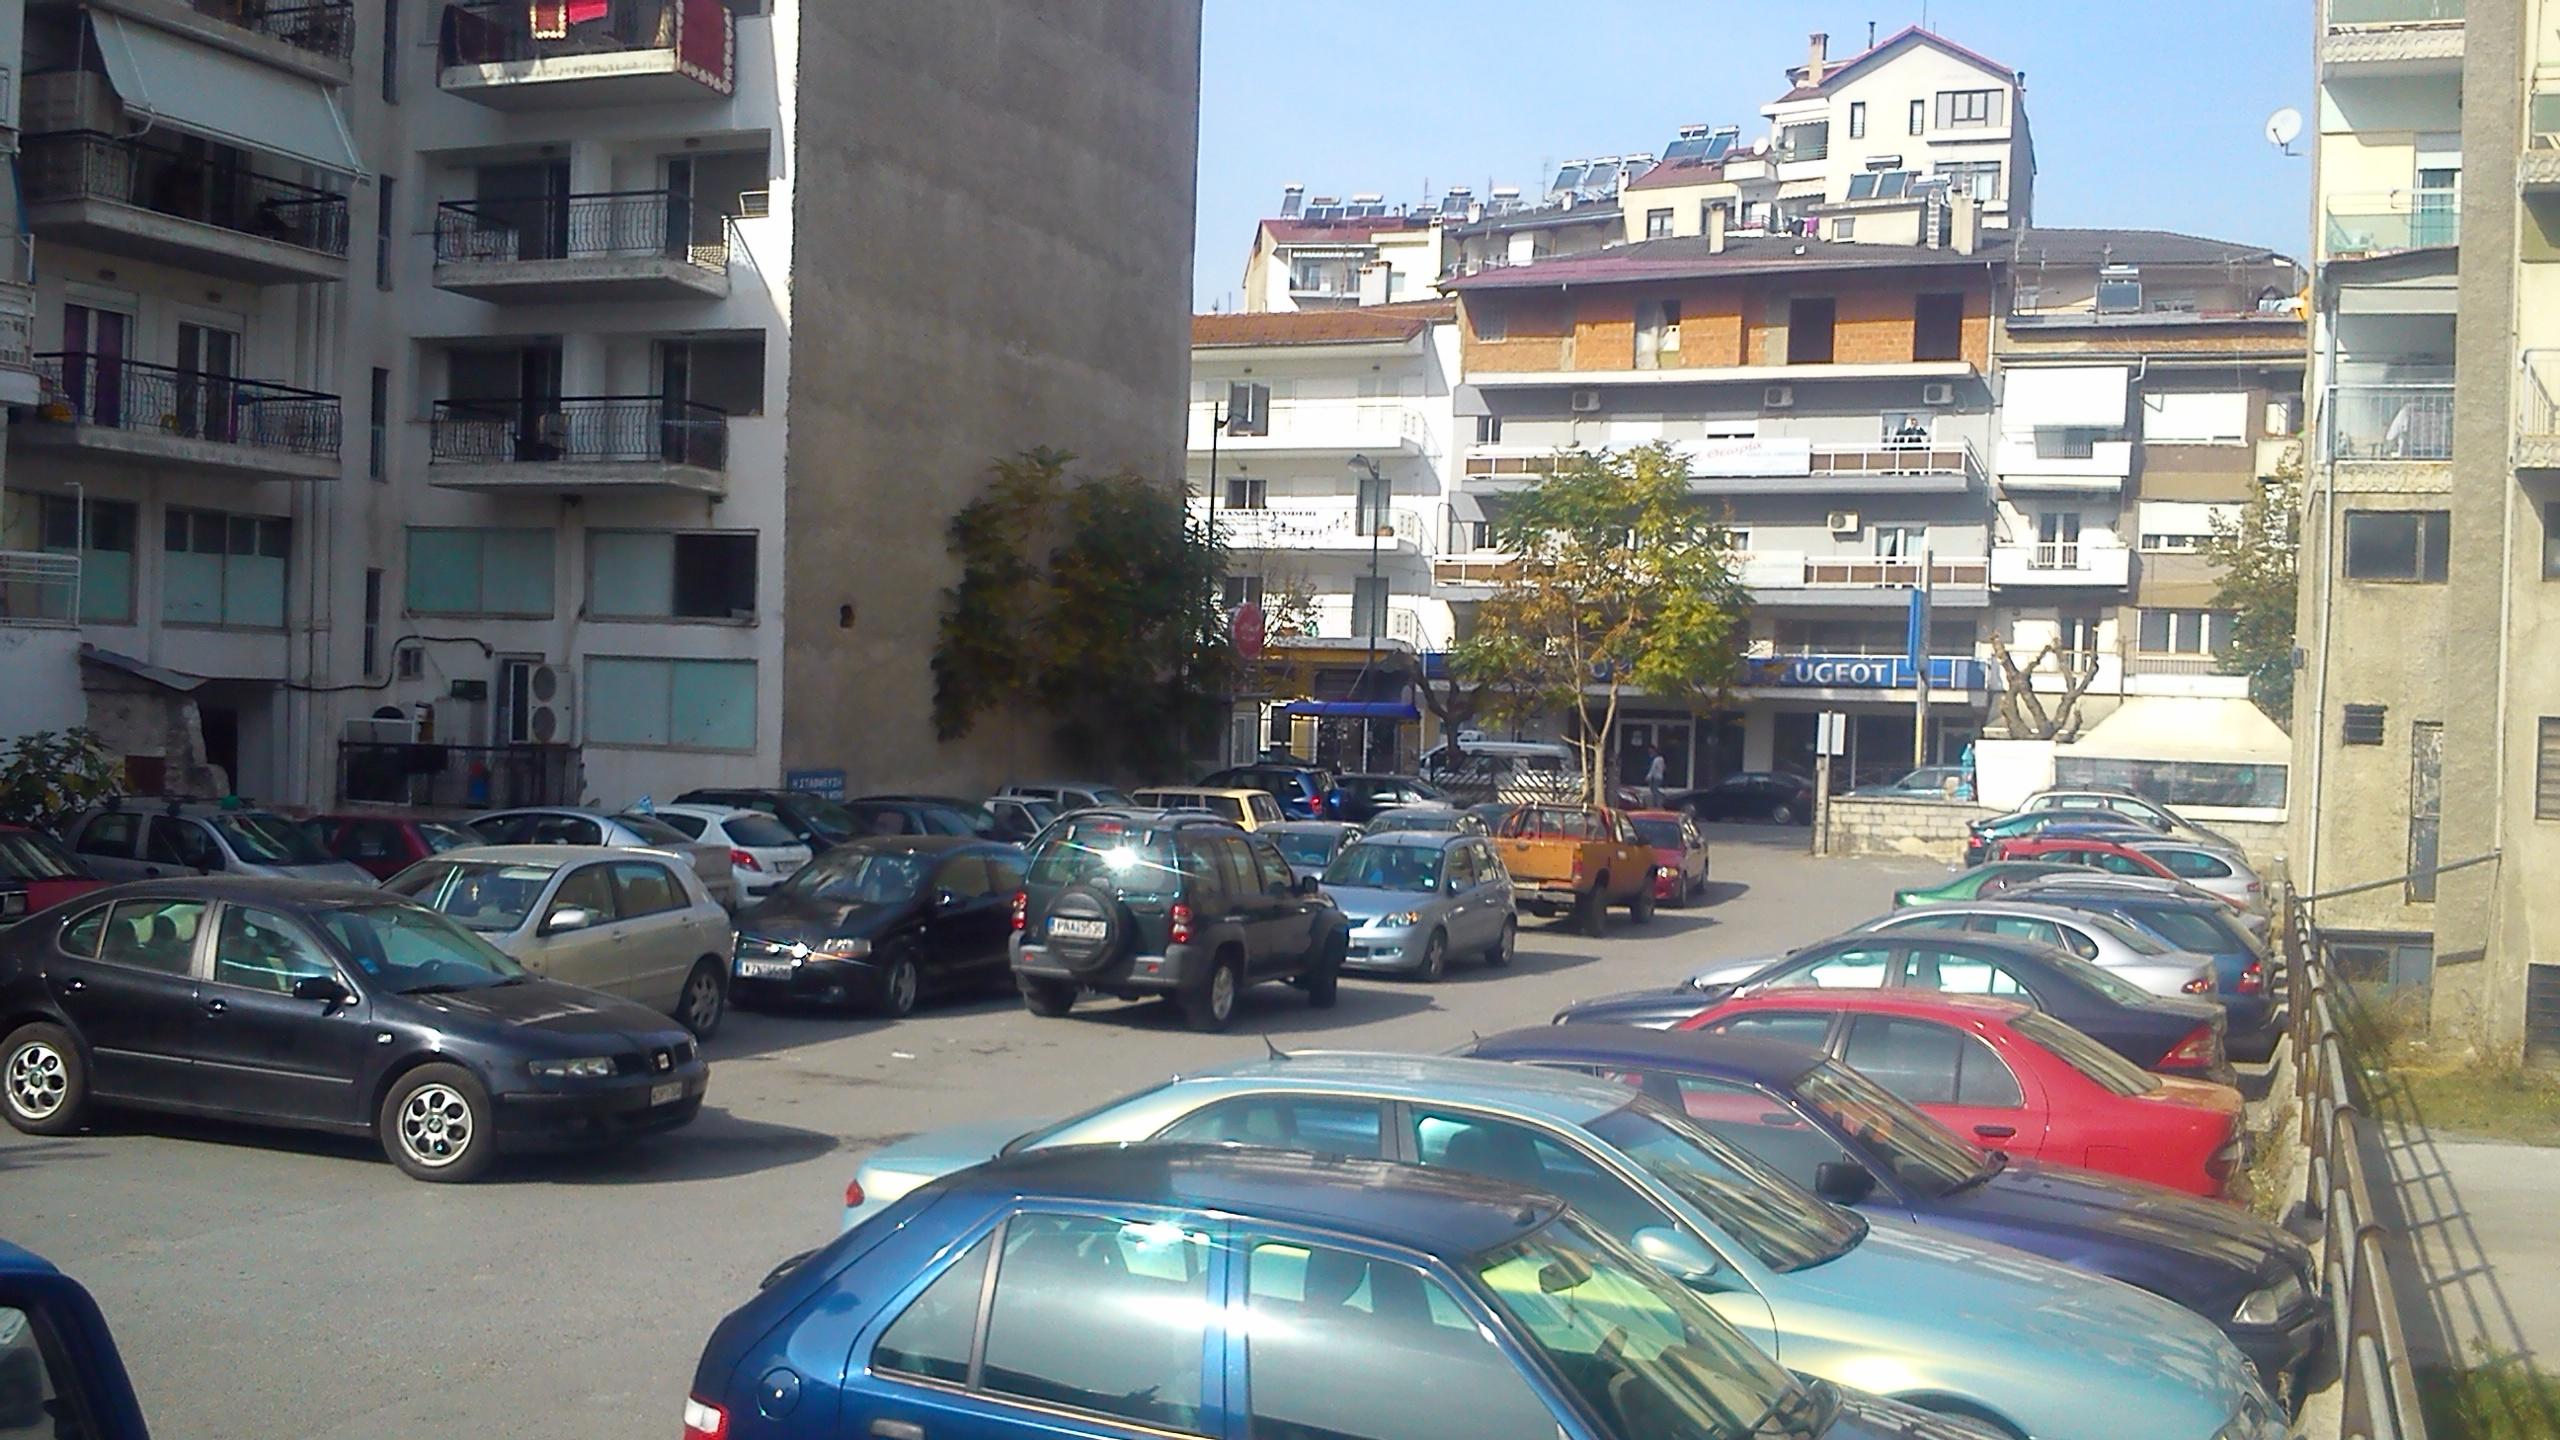 Δυναμική αντίδραση από την Ένωση Αστυνομικών Υπαλλήλων Γρεβενών – Αντί Αστυνομικό Μέγαρο χώρος στάθμευσης